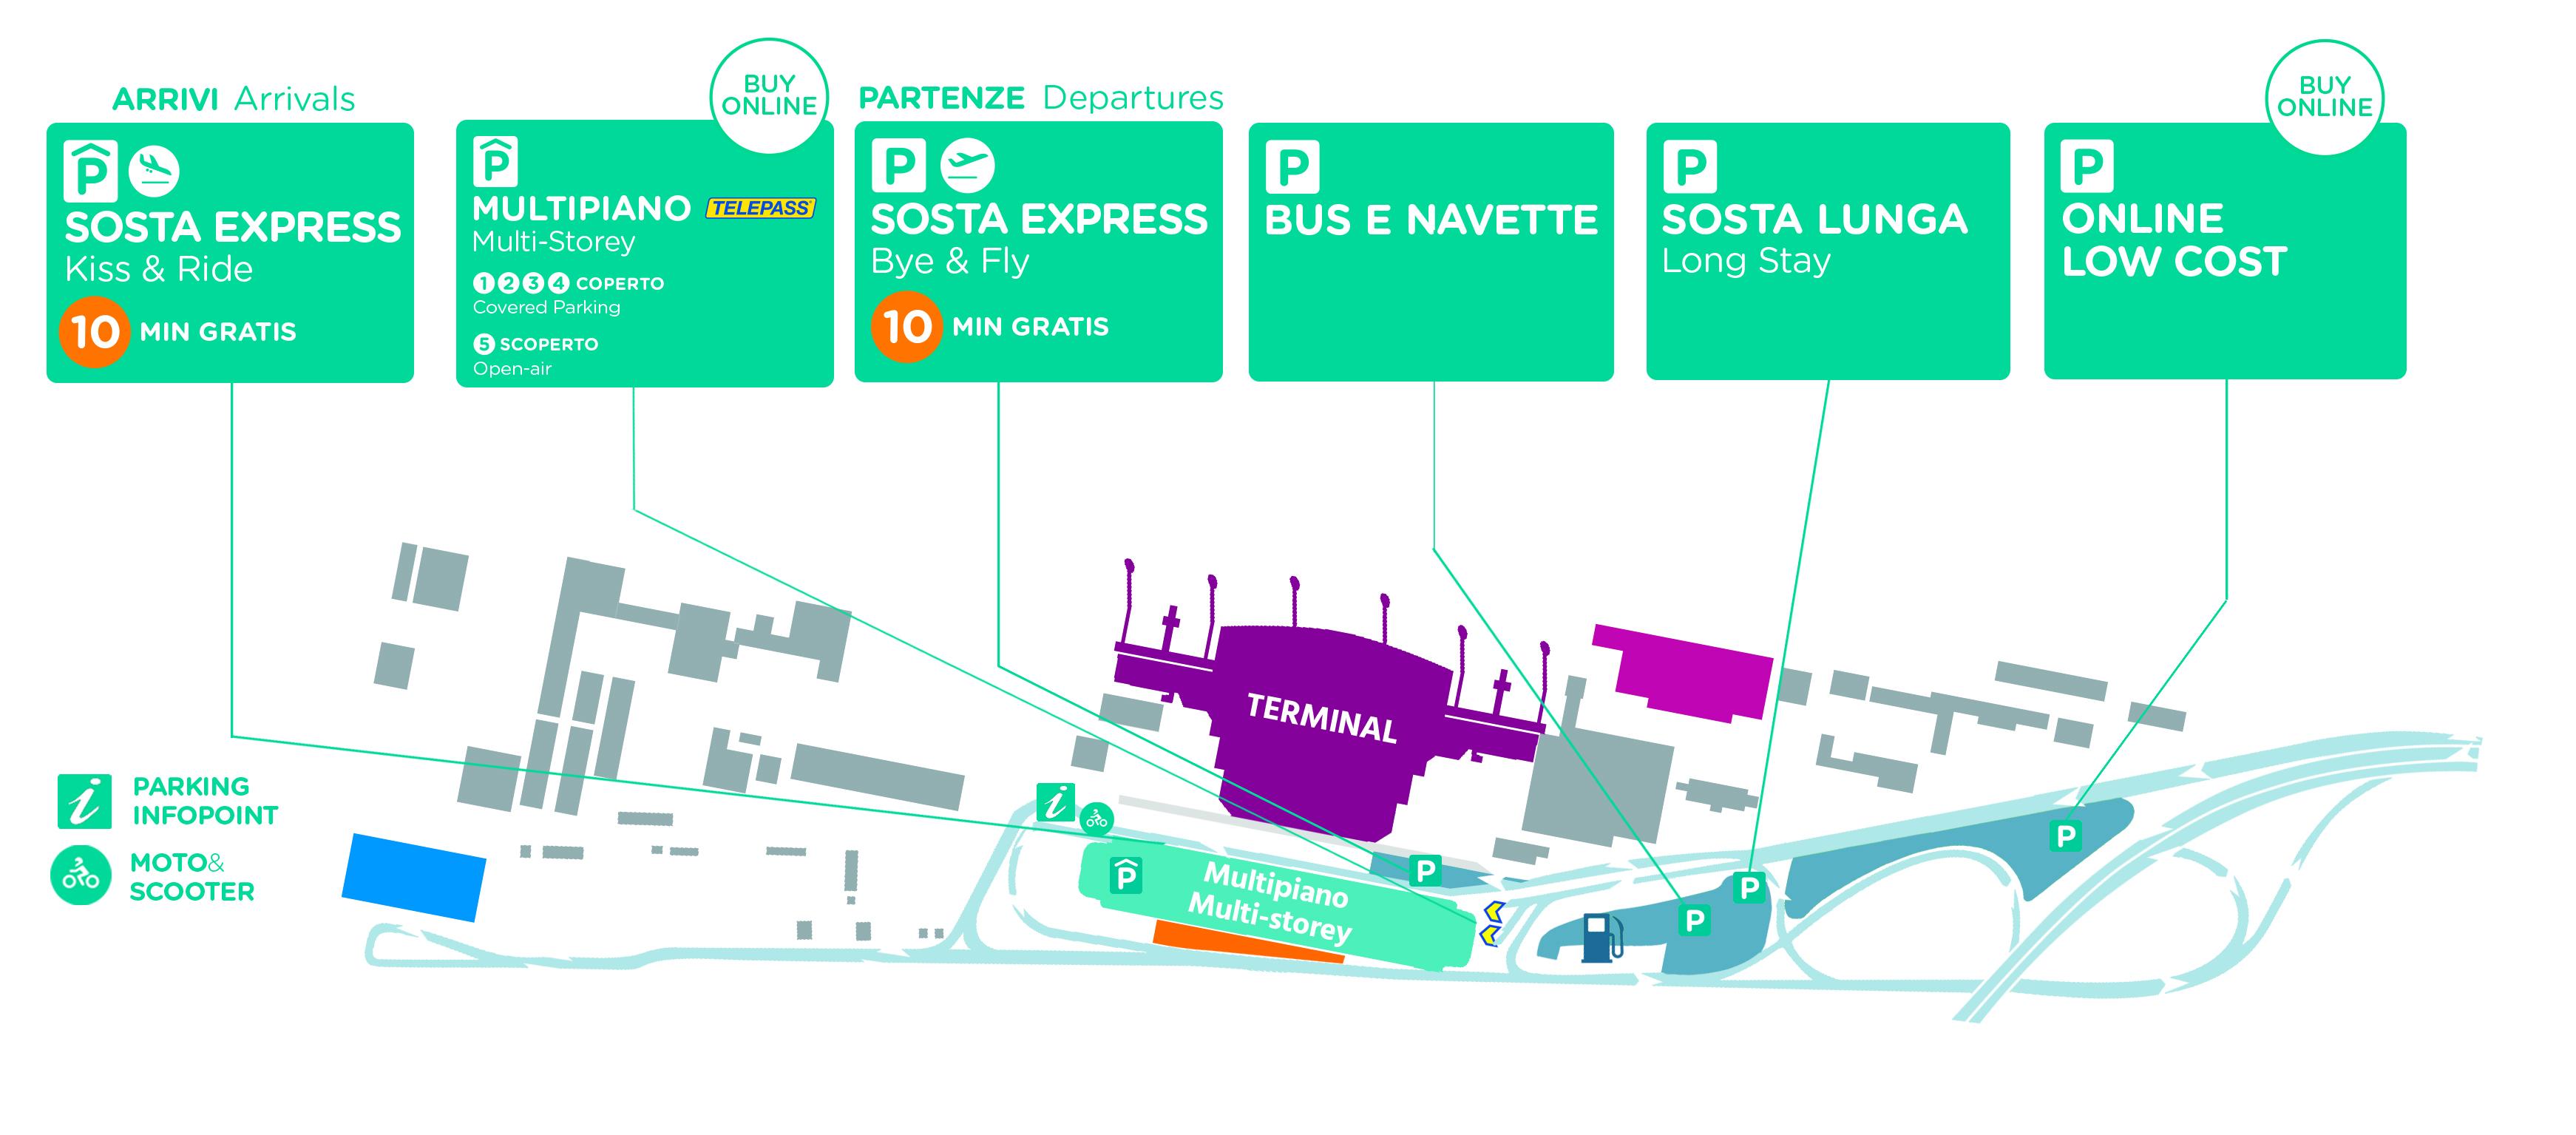 offerte voli bari roma fiumicino bus - photo#29